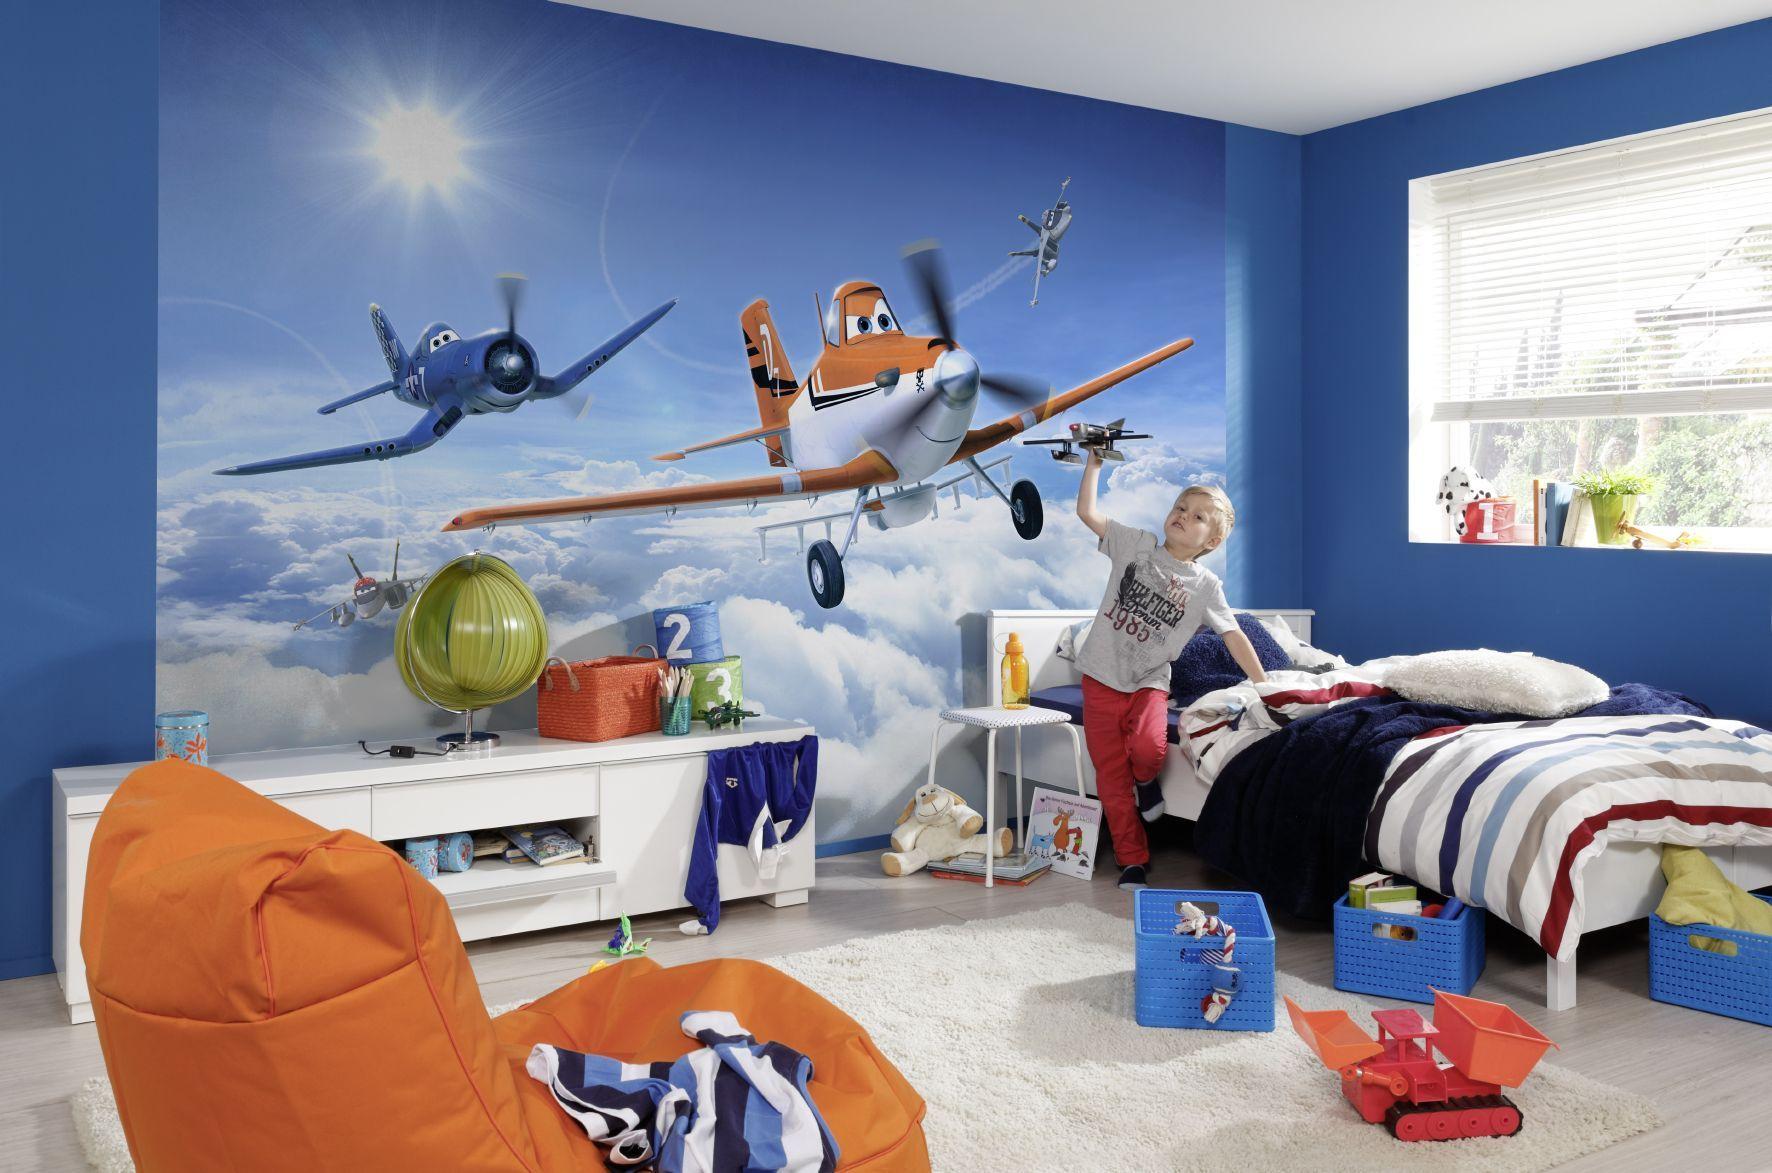 Обои для детской комнаты: для девочек, мальчиков, подростков и разнополых детей. Фото 70 идей!